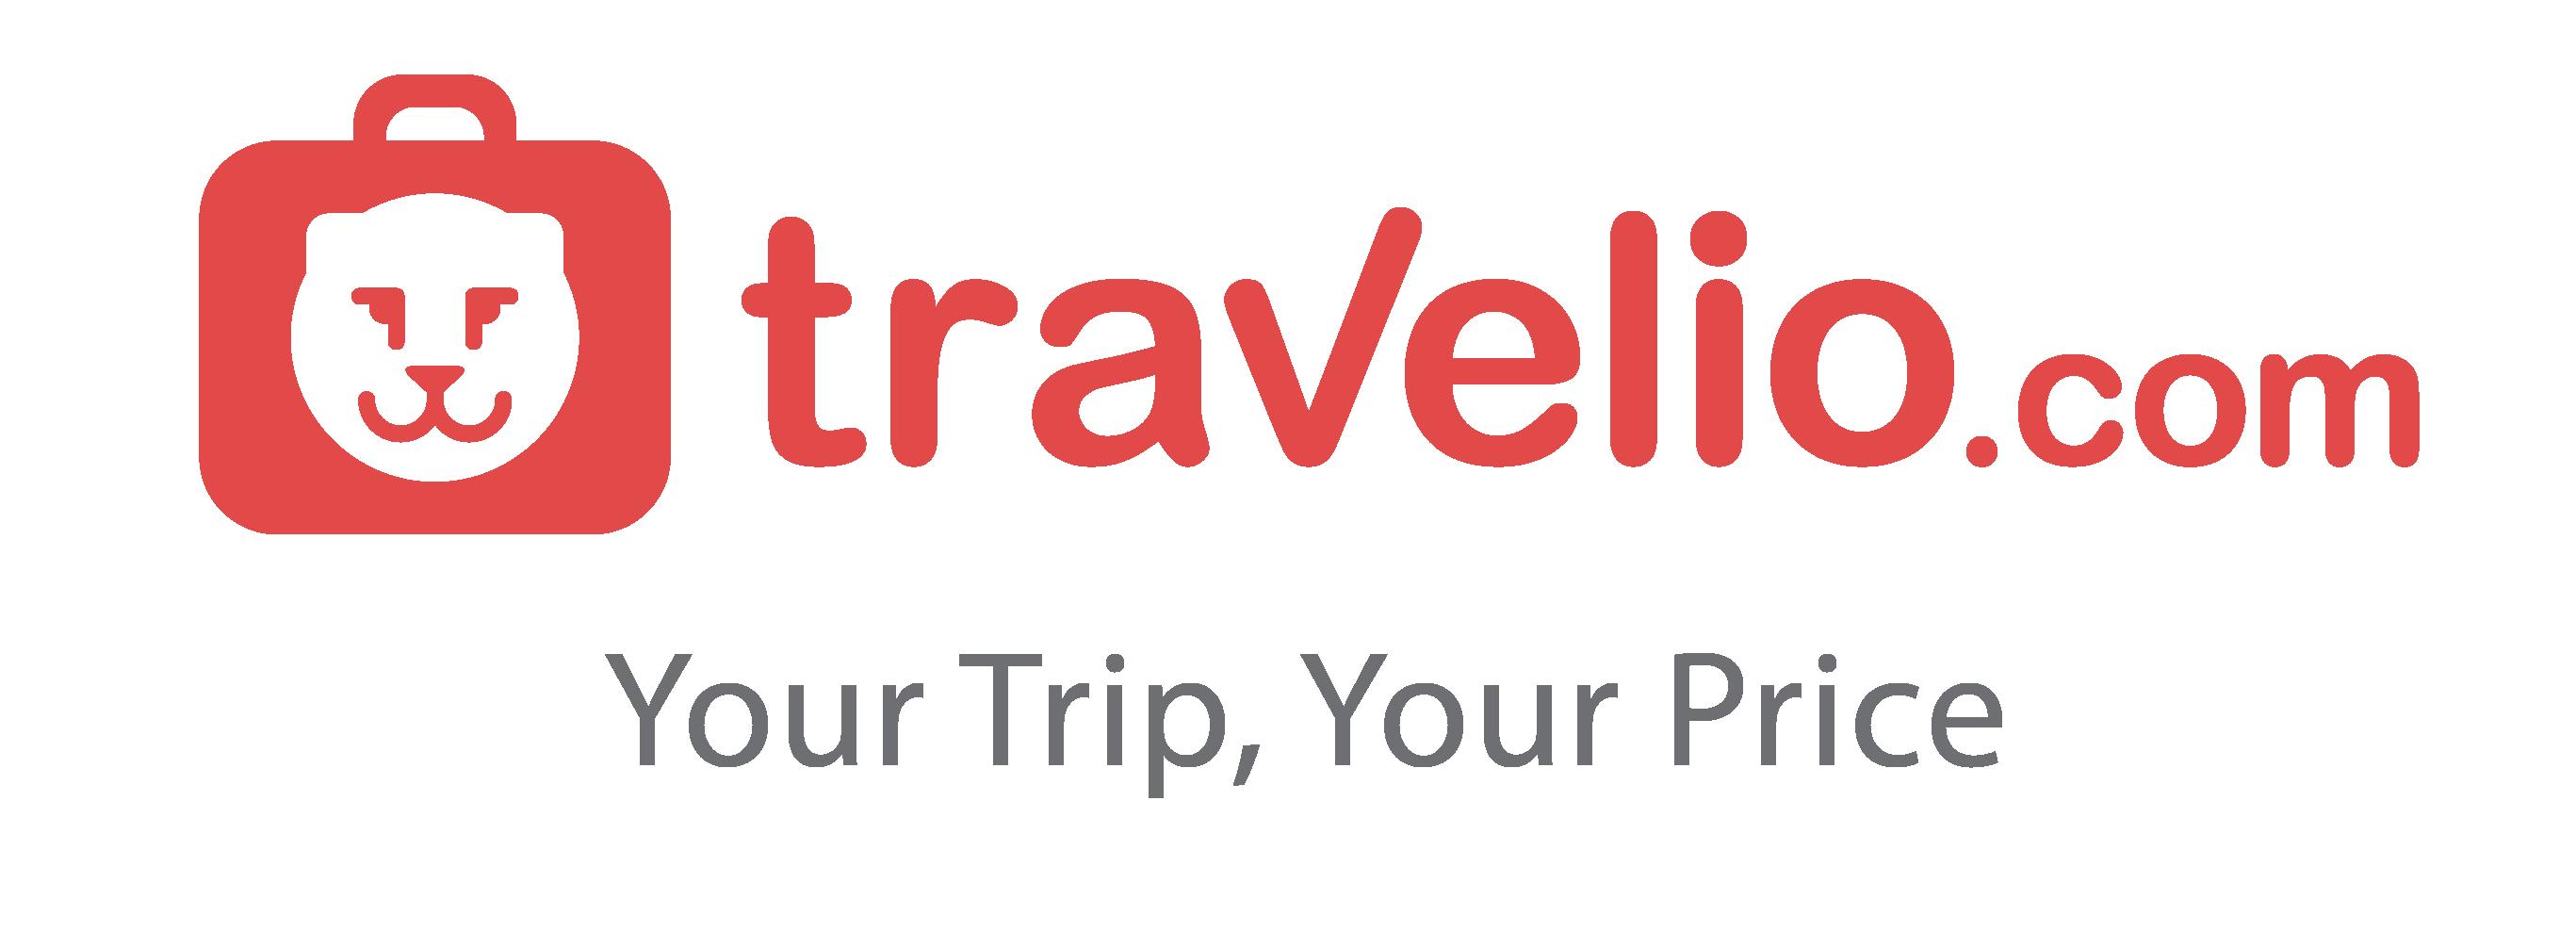 Travelio Coupon